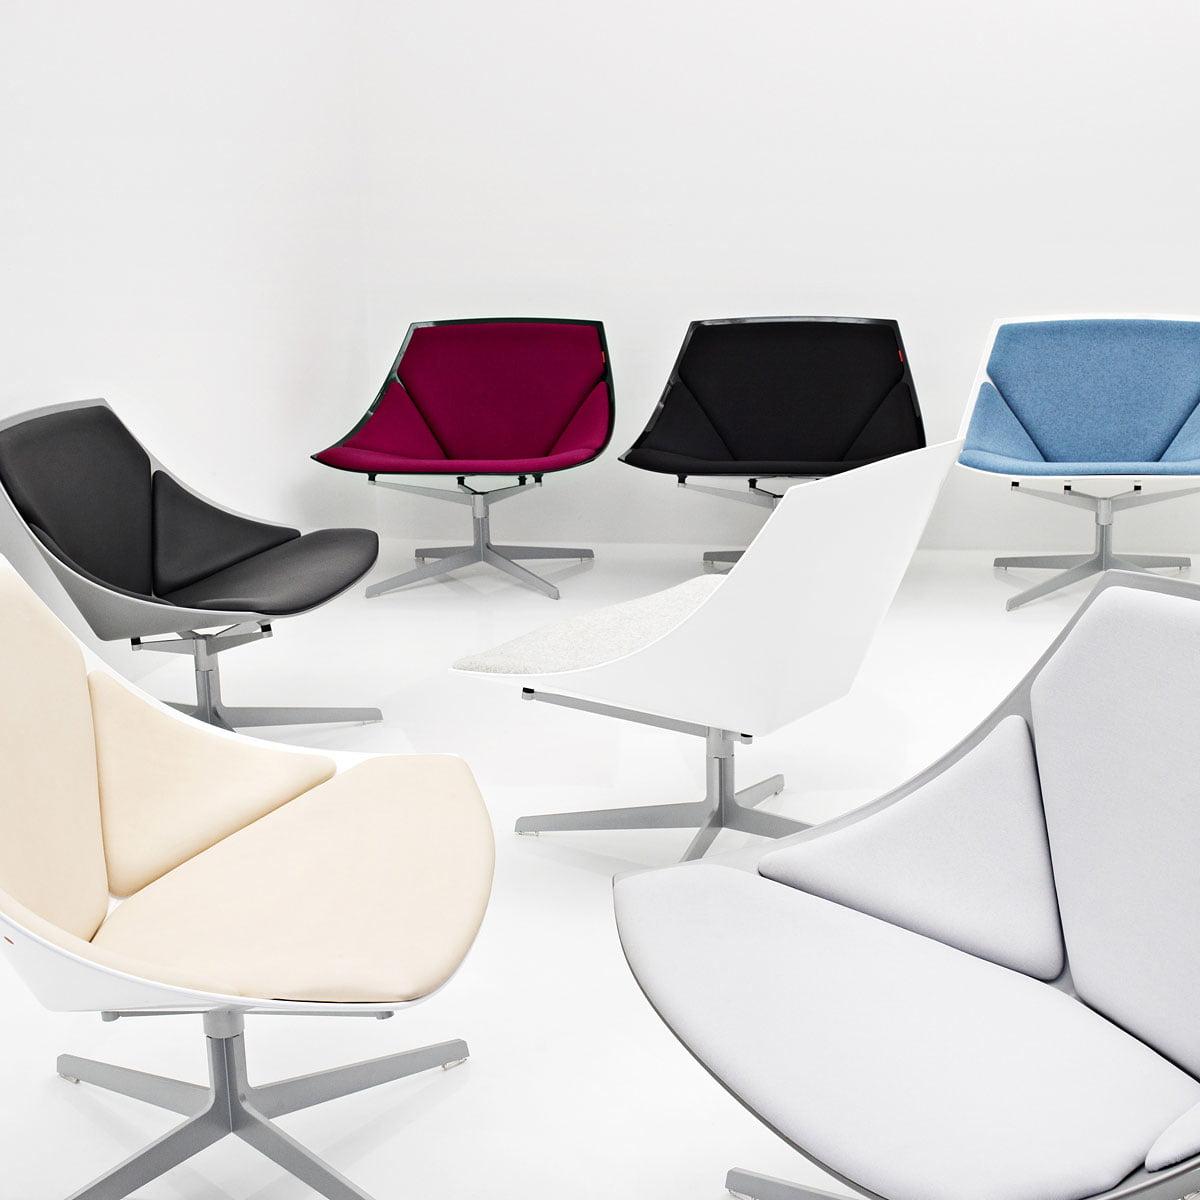 Fritz Hansen Poltrona Space : Space armchair fritz hansen shop